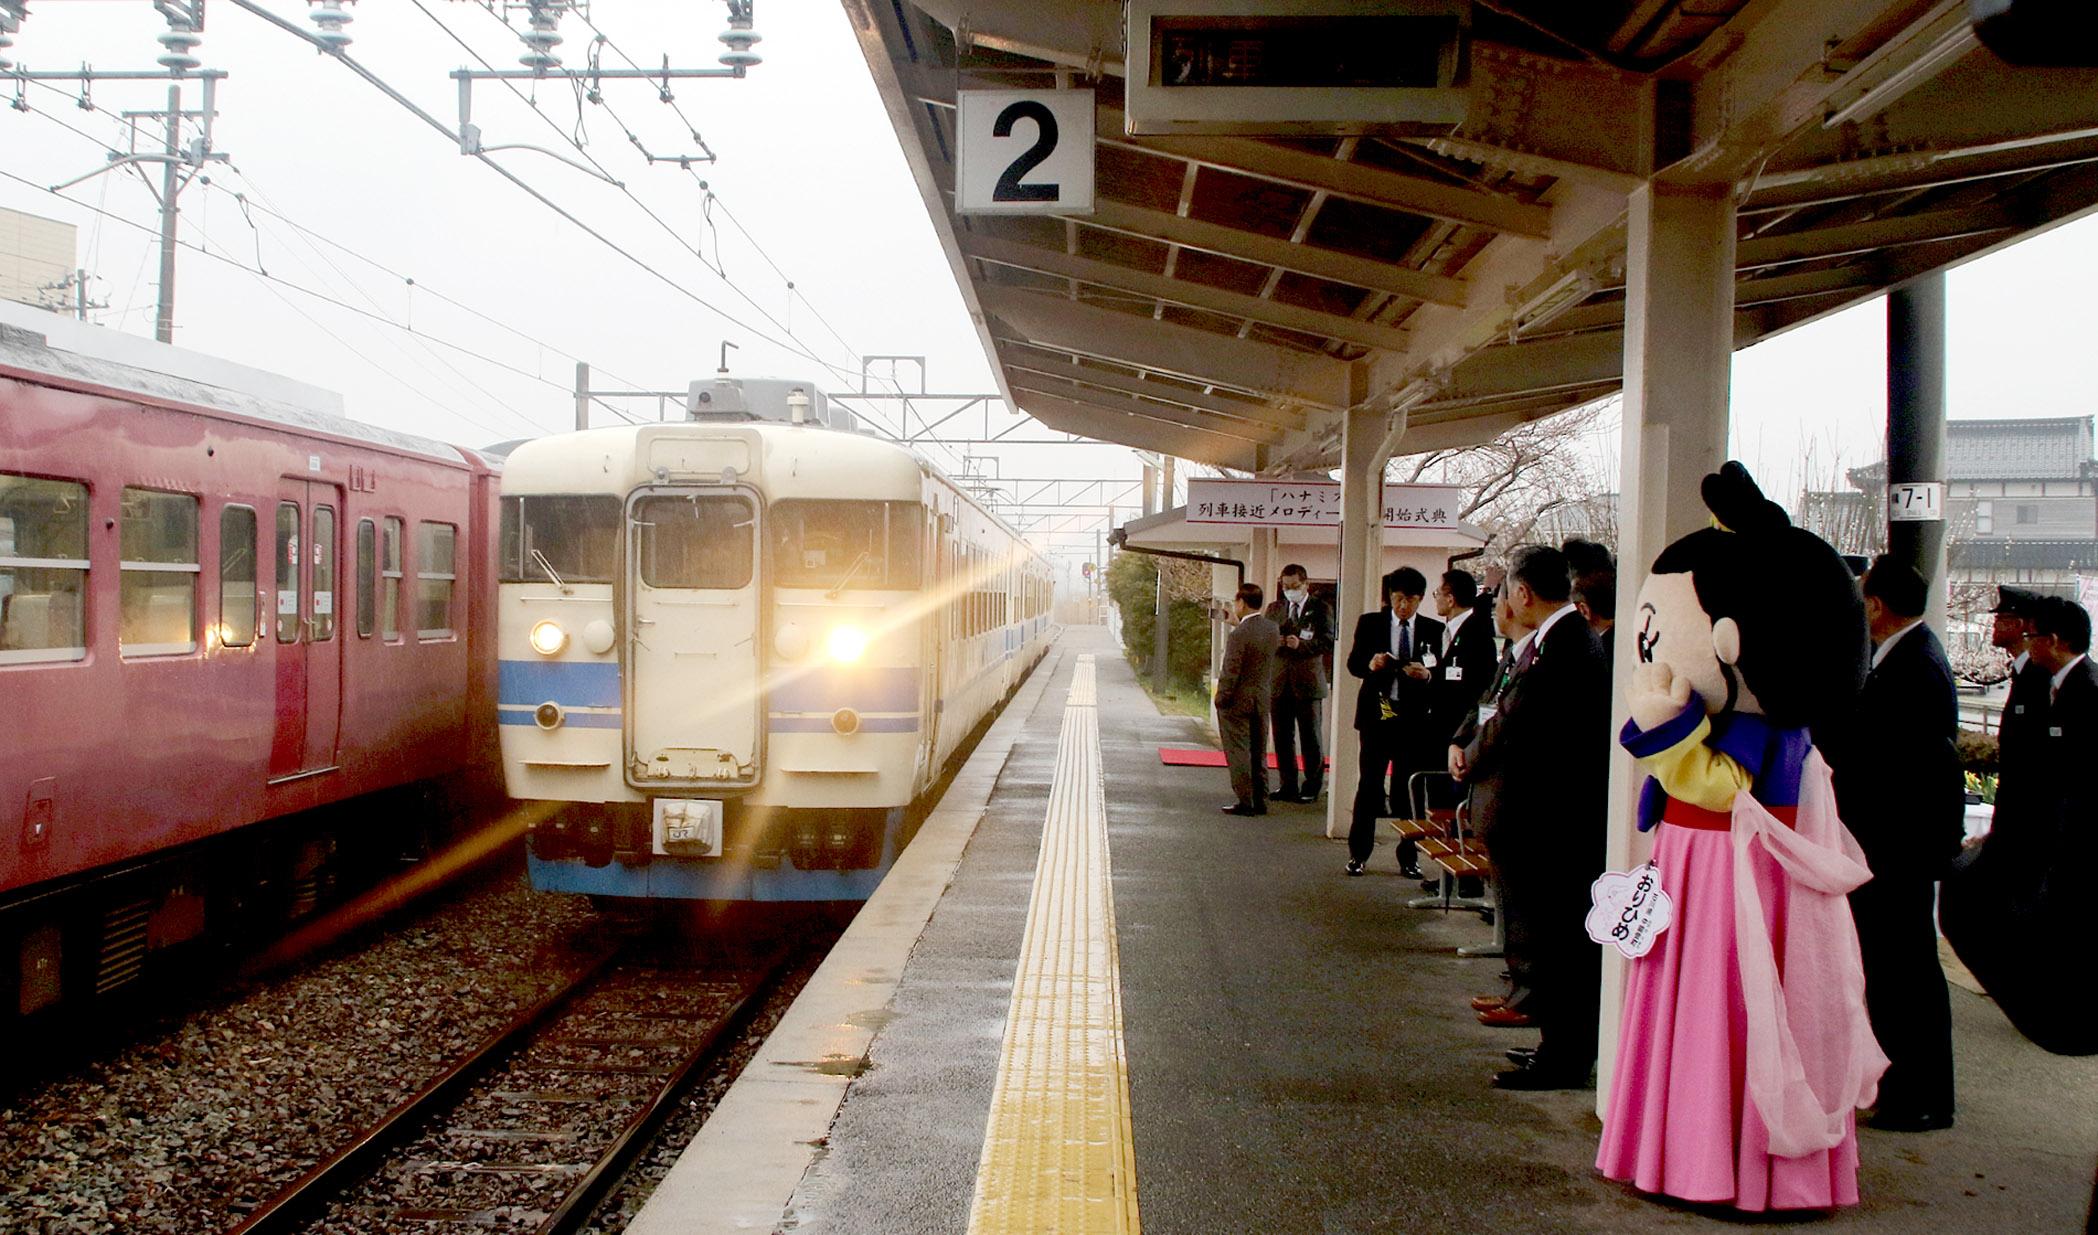 「ハナミズキ」の音楽とともに列車を迎える関係者=1日午前10時、中能登町のJR良川駅